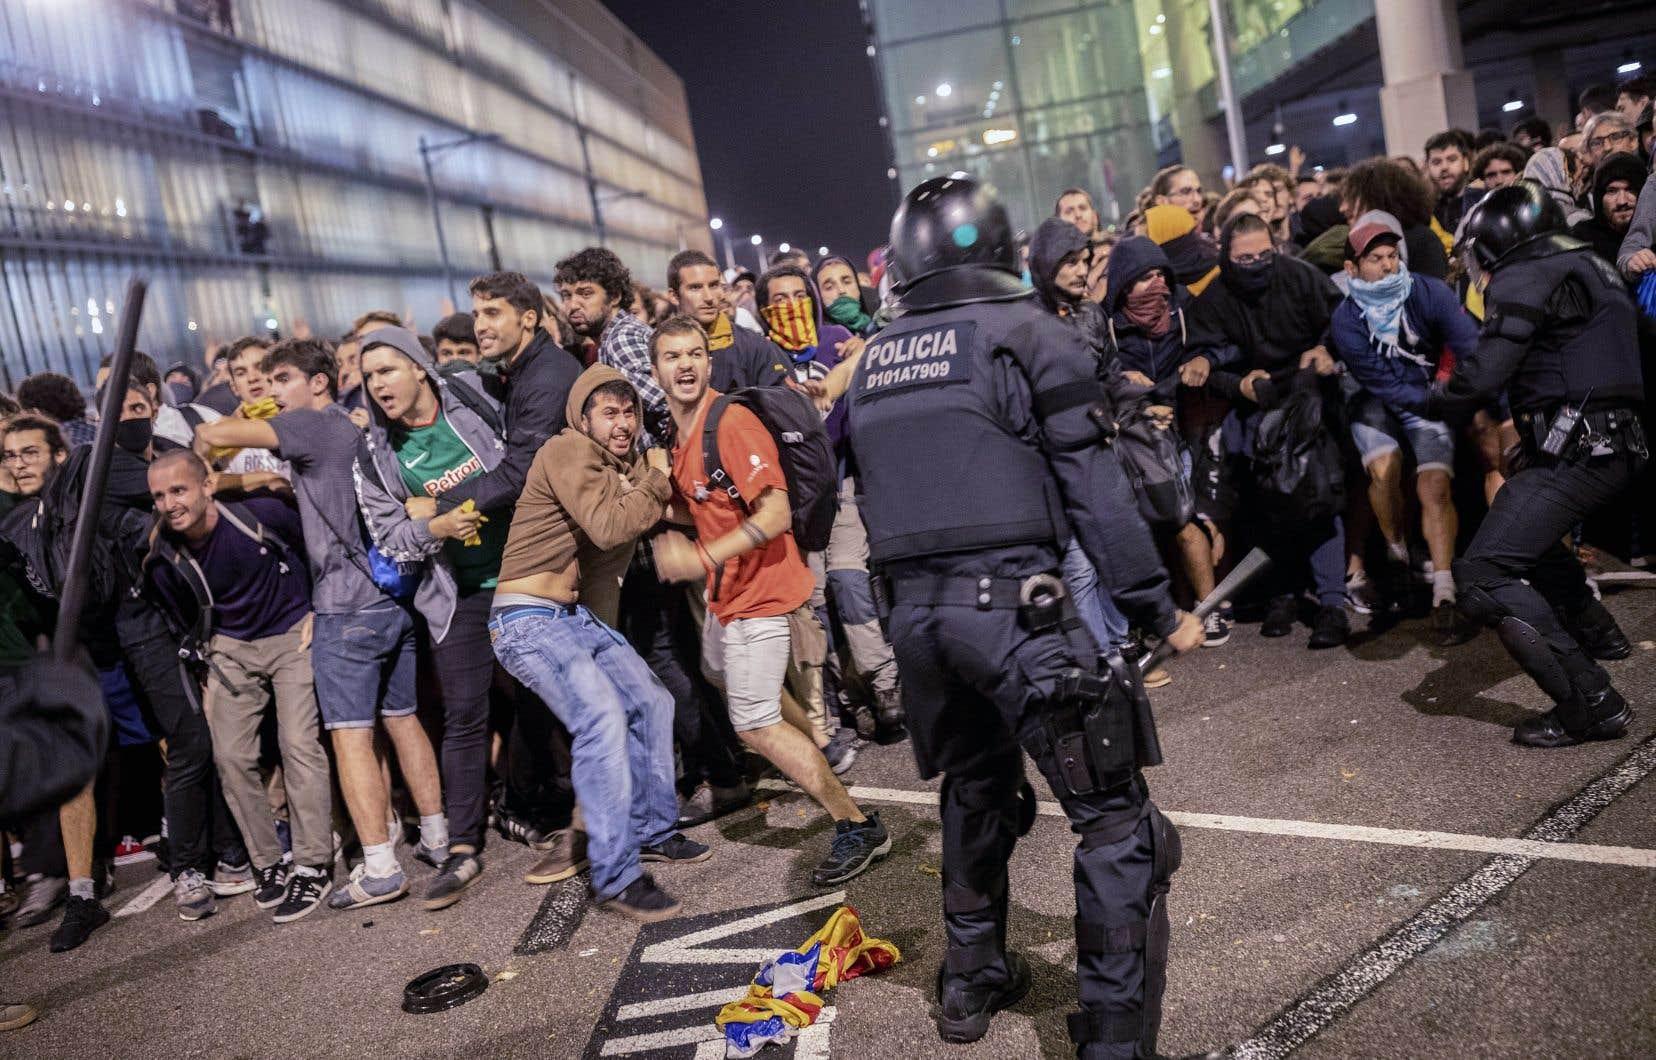 Des rassemblements spontanés ont eu lieu dimanche dans la métropole catalane, Barcelone, avant que les militants ne rejoignent, à l'appel d'un mouvement anonyme baptisé «Tsunami démocratique», l'aéroport pour le bloquer. La police antiémeutes a chargé à plusieurs reprises des centaines de militants tentant de pénétrer dans le terminal et jetant pierres et poubelles.